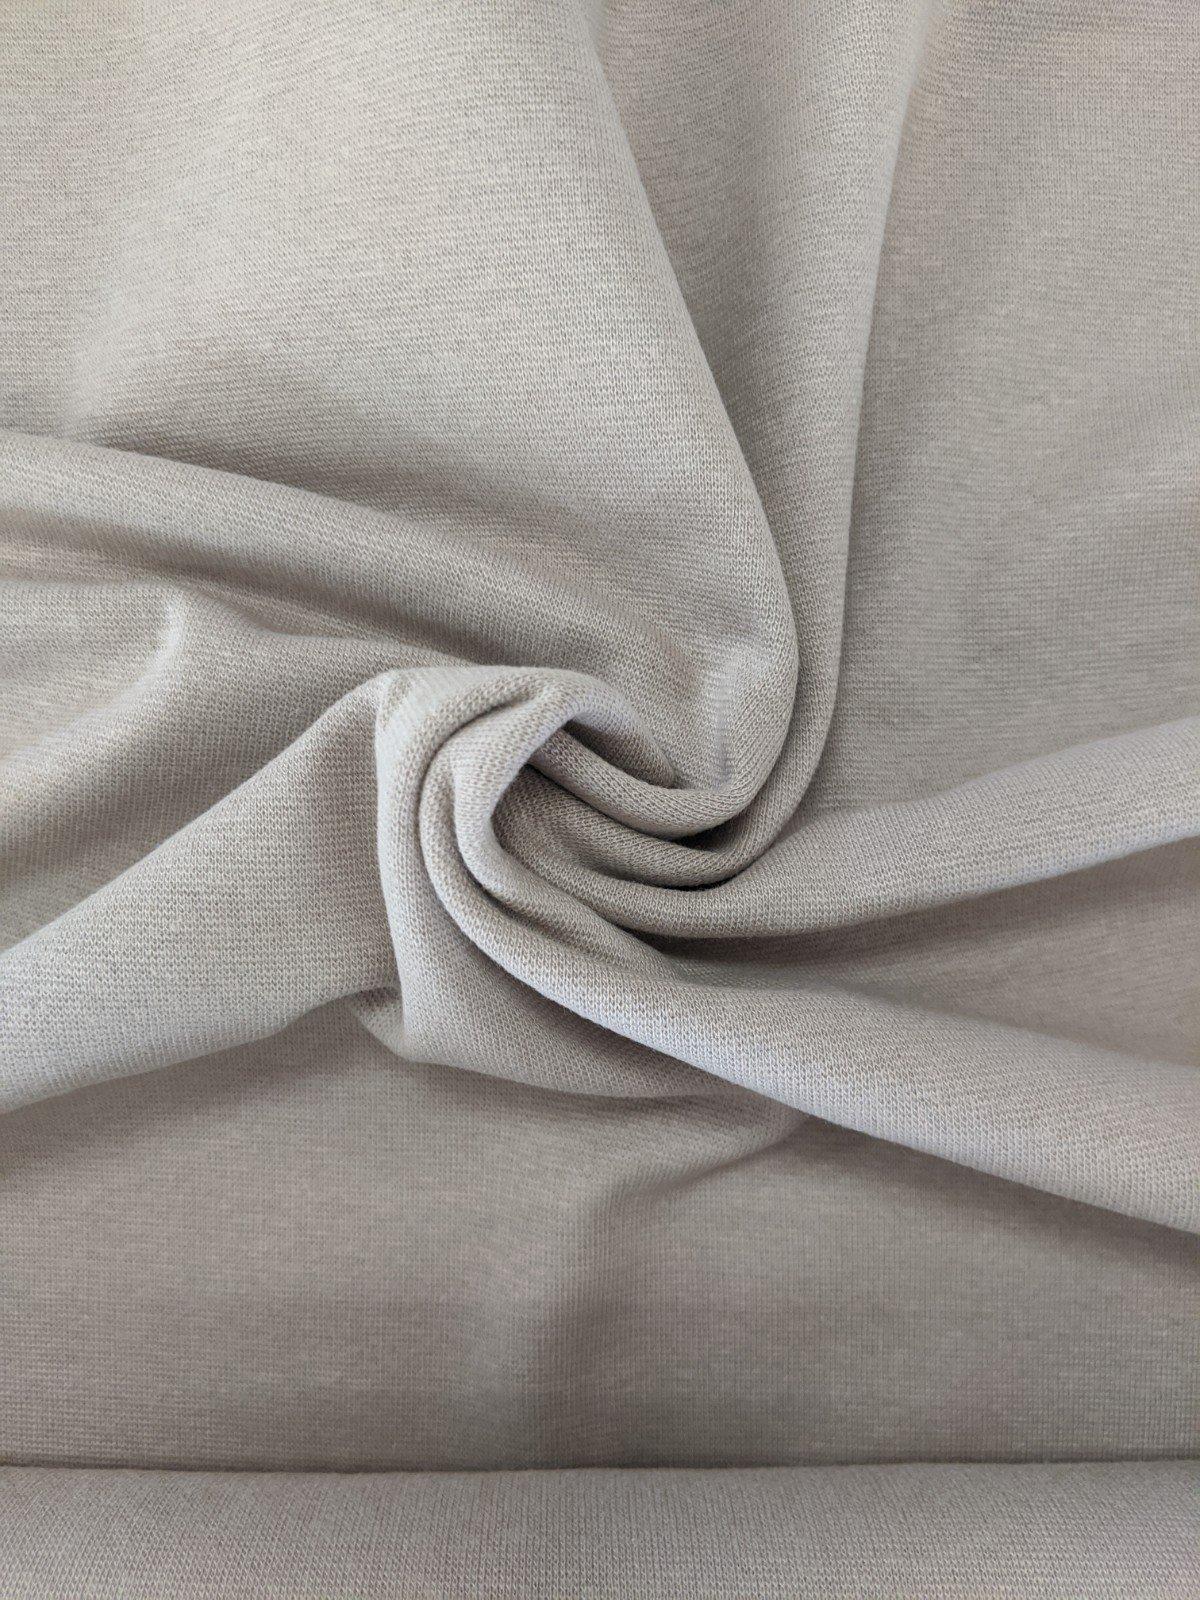 100% Cotton Interlock Knit - Beige